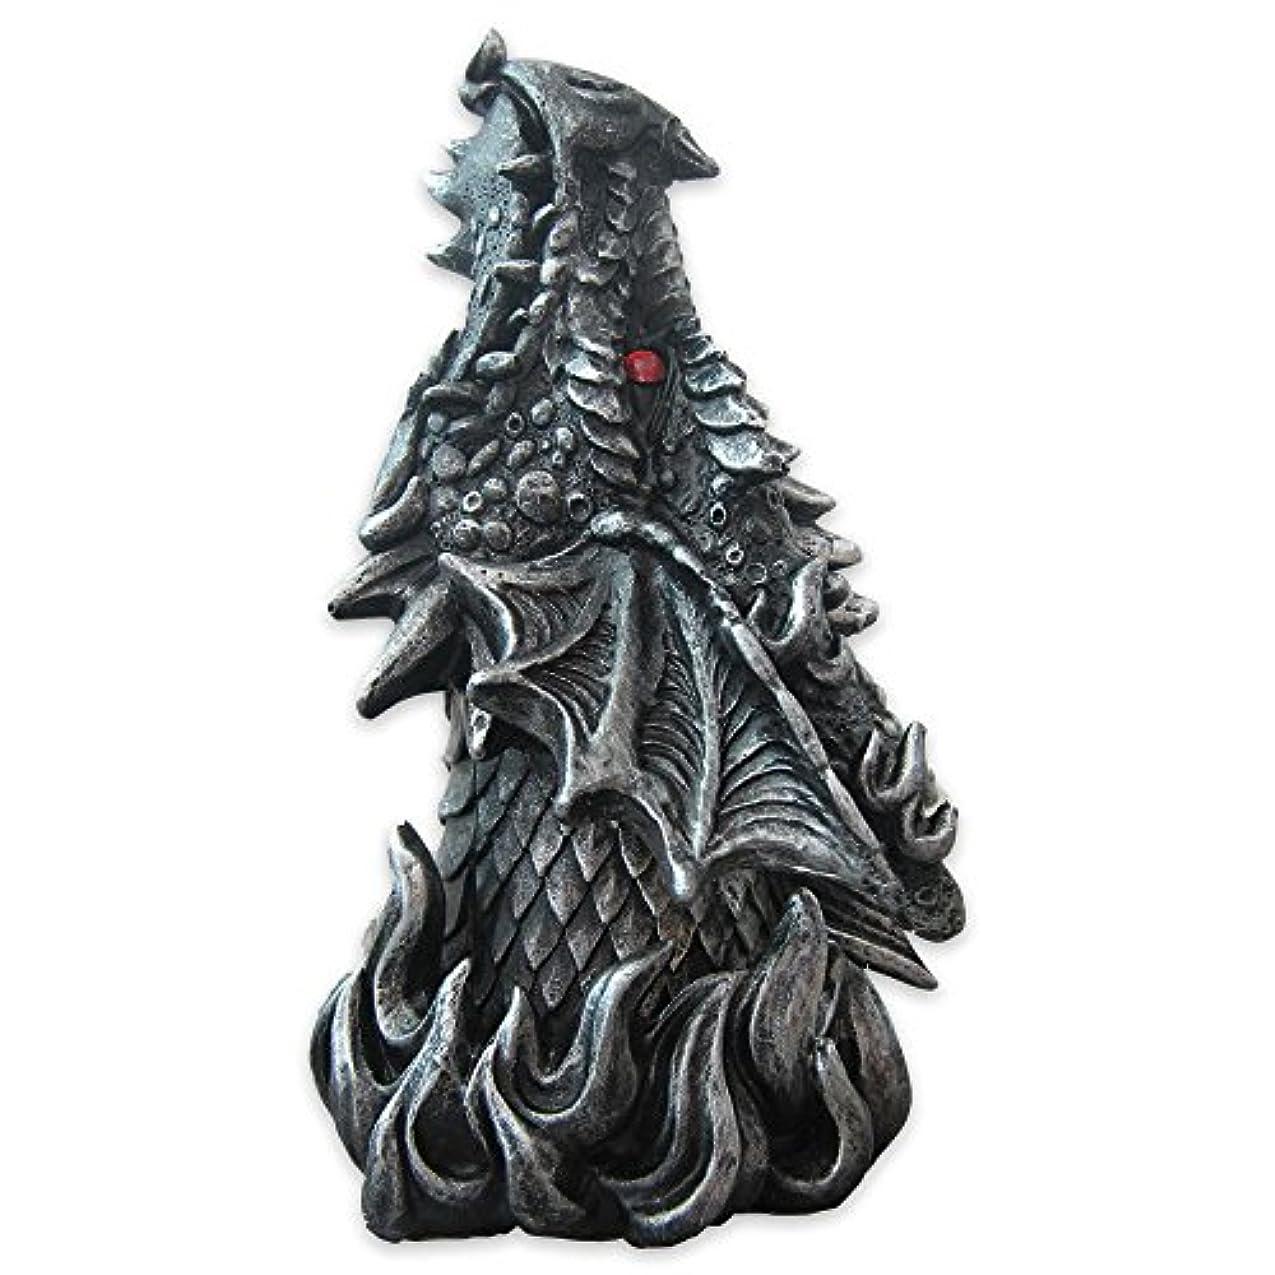 伝統有益スキームDragon Figure Cone Incense Burner Fiery Eyes - Gothic Smoke Breathing Decor